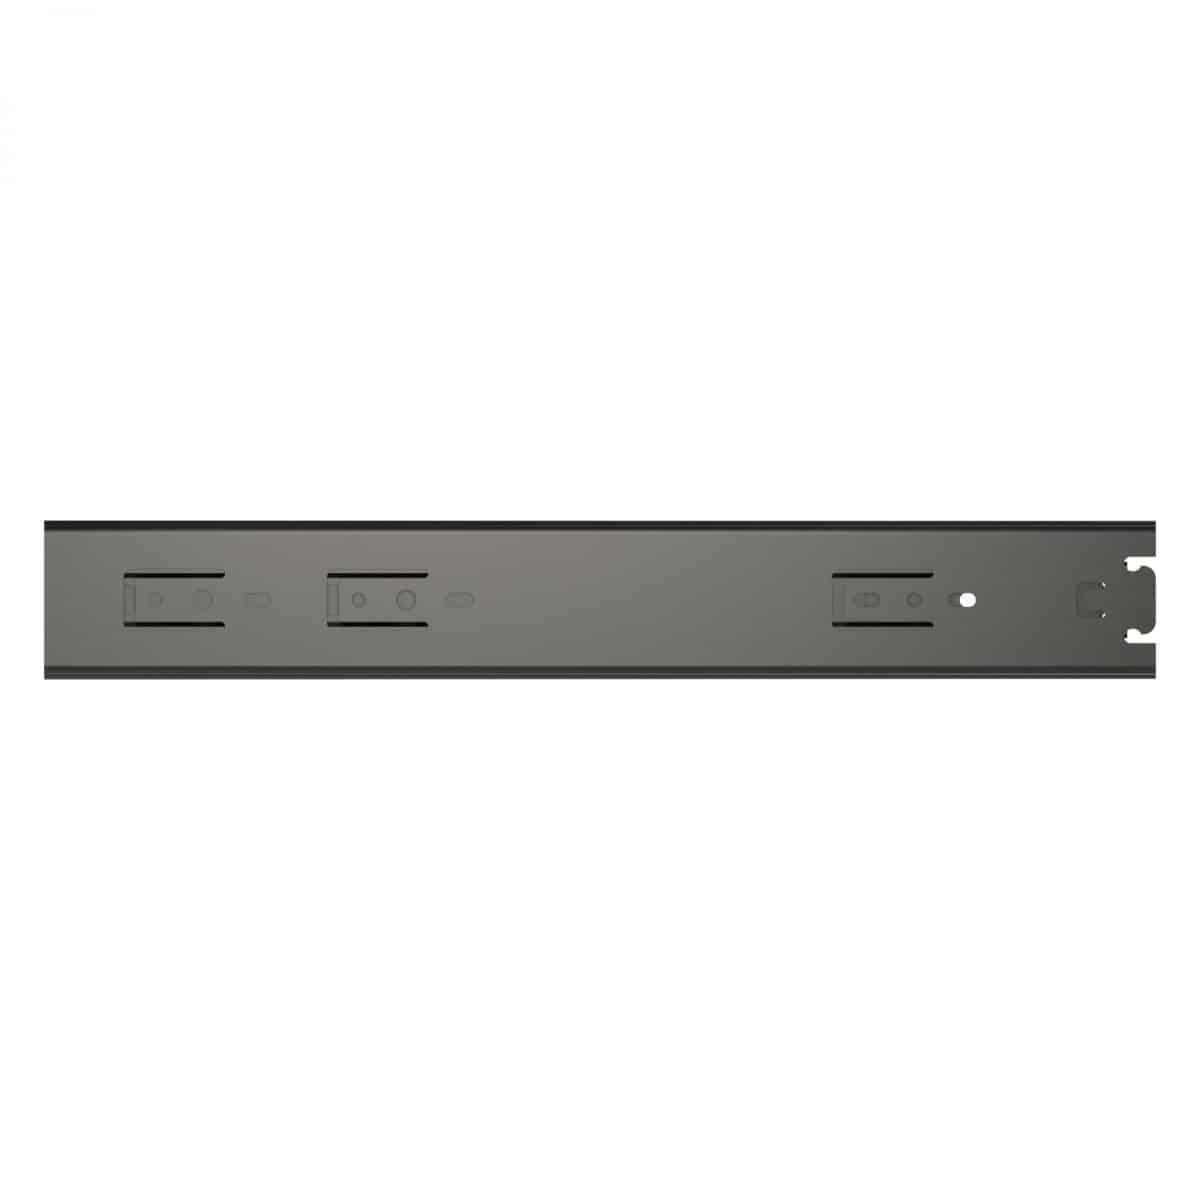 ARMOR R50-350 45kg Soft Close Drawer Slides